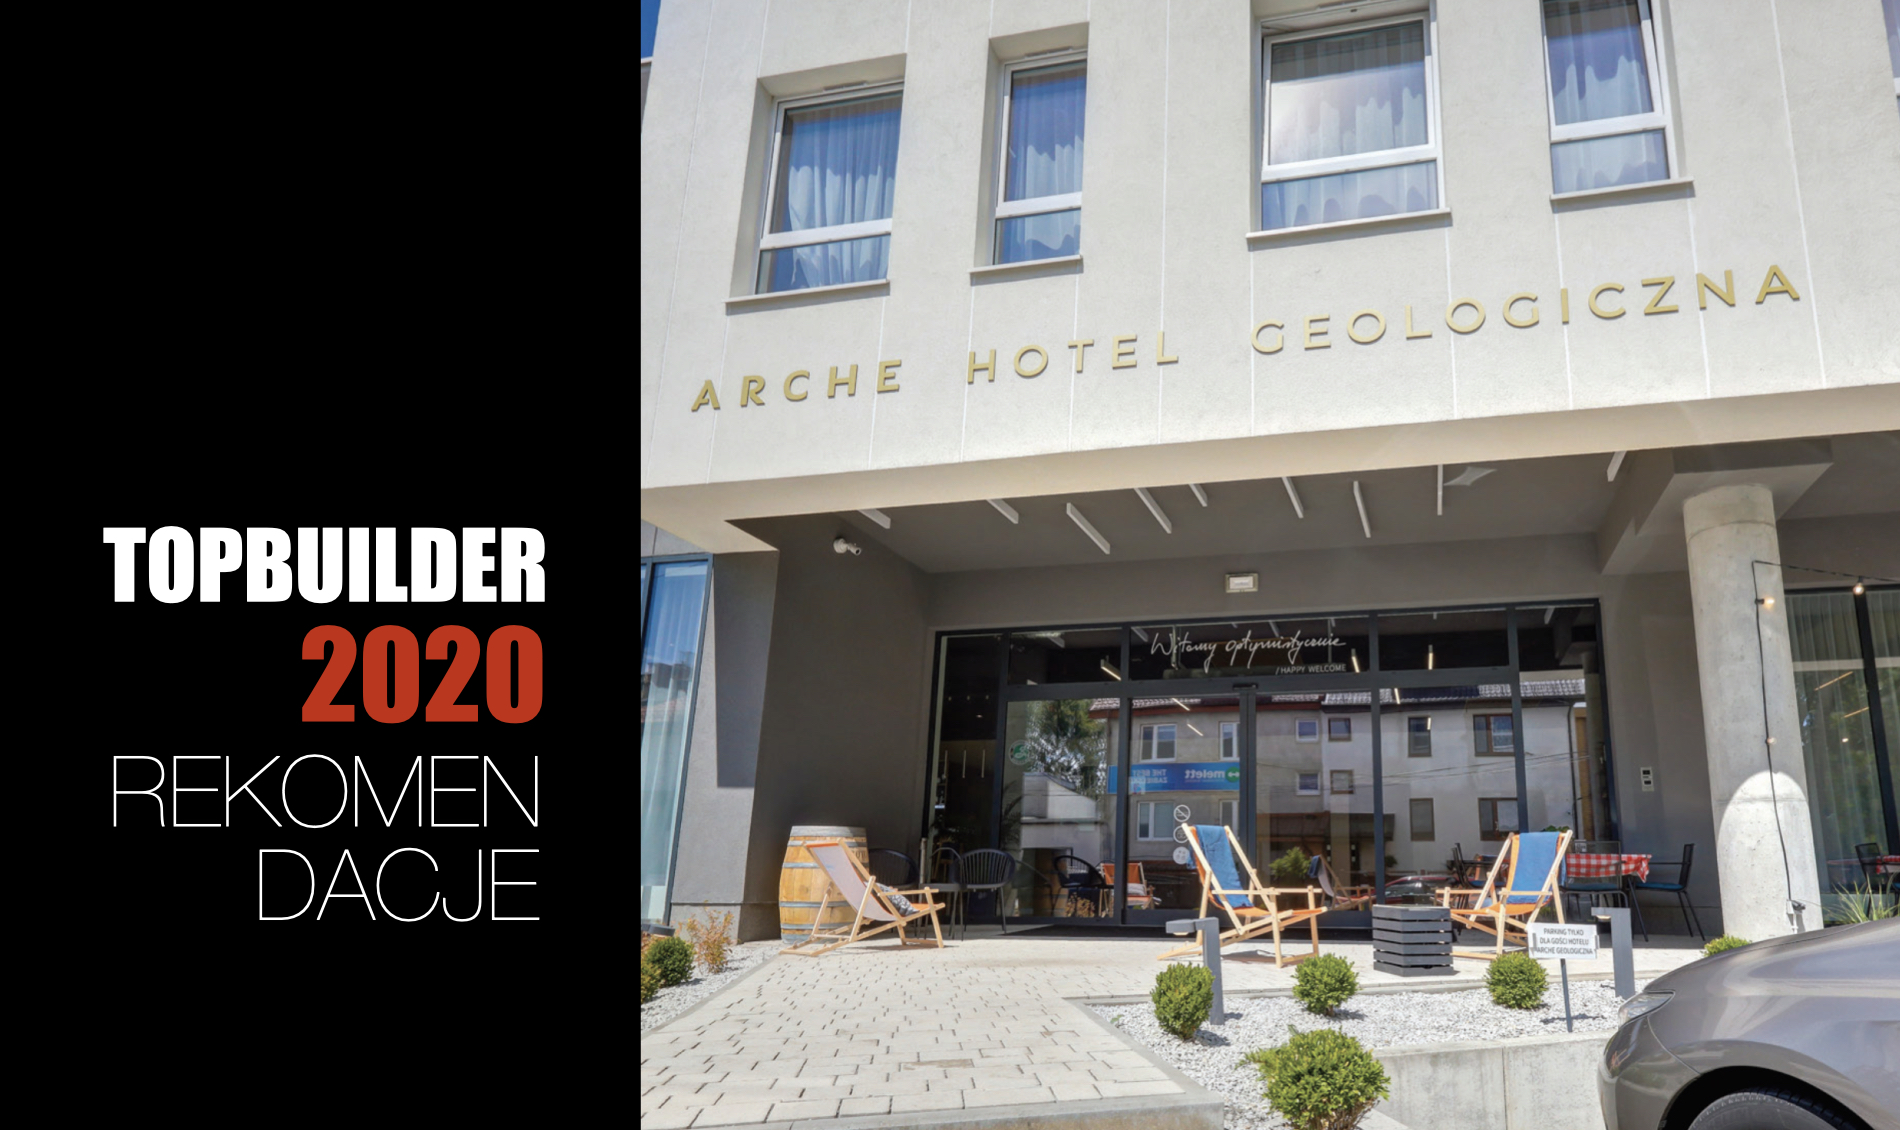 ARCHE HOTEL GEOLOGICZNA W WARSZAWIE